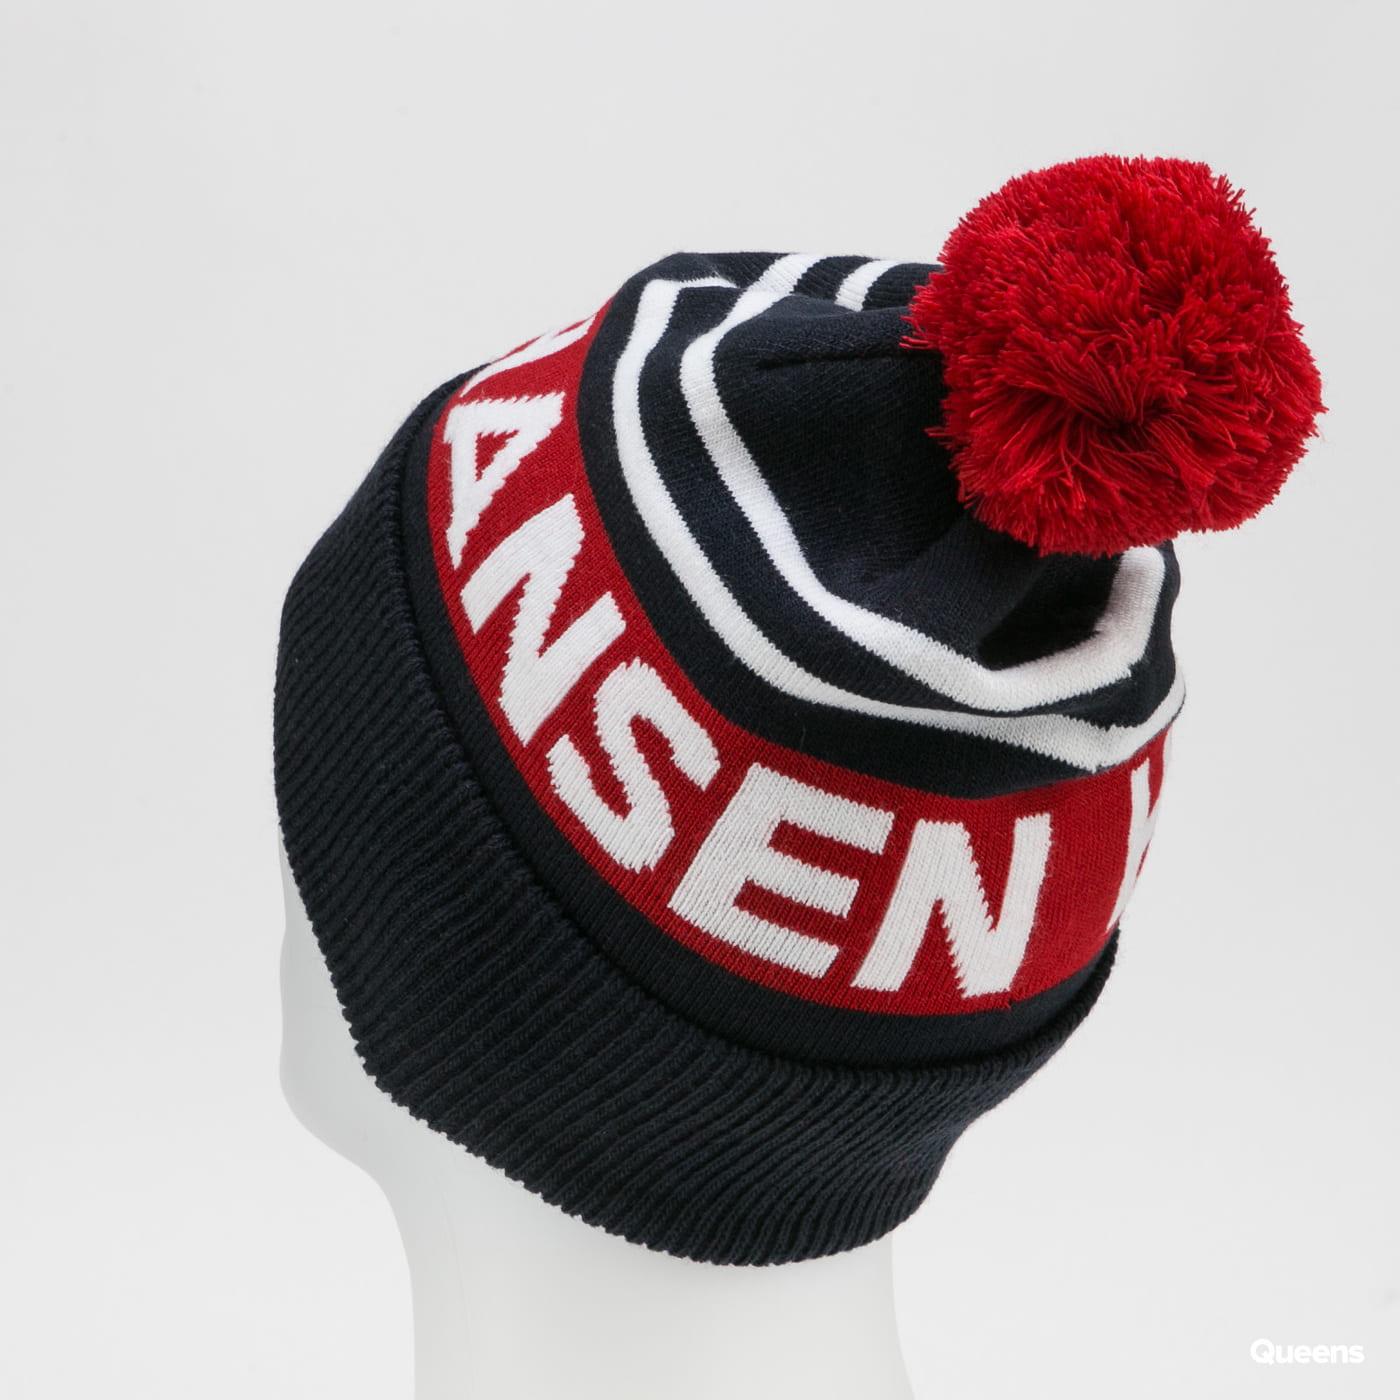 Helly Hansen Ridgeline Beanie navy / red / white